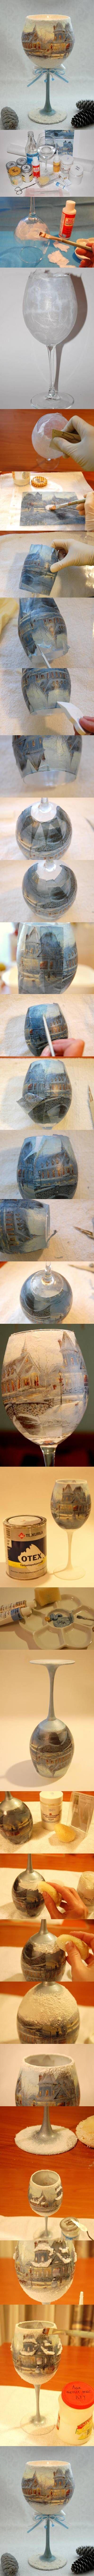 Copa decorada con vela flotante